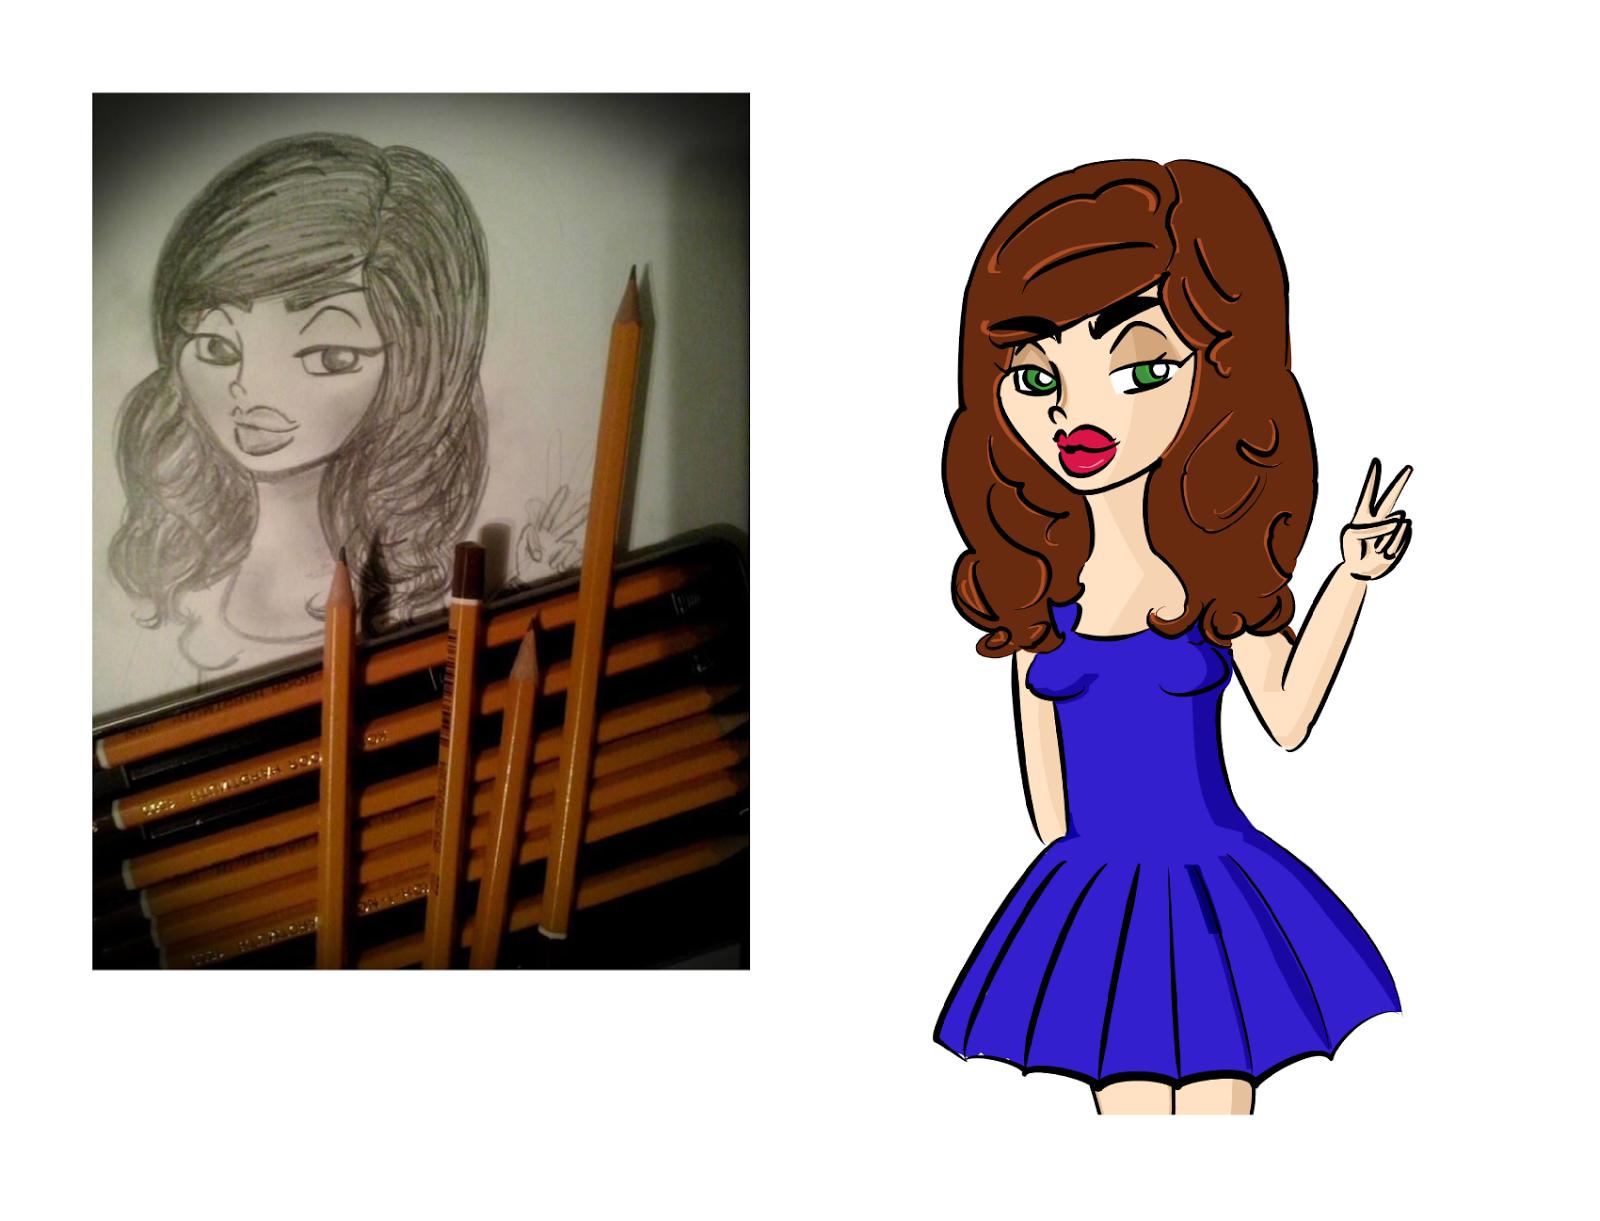 rysunek zrobiony ołówkiem kobieta